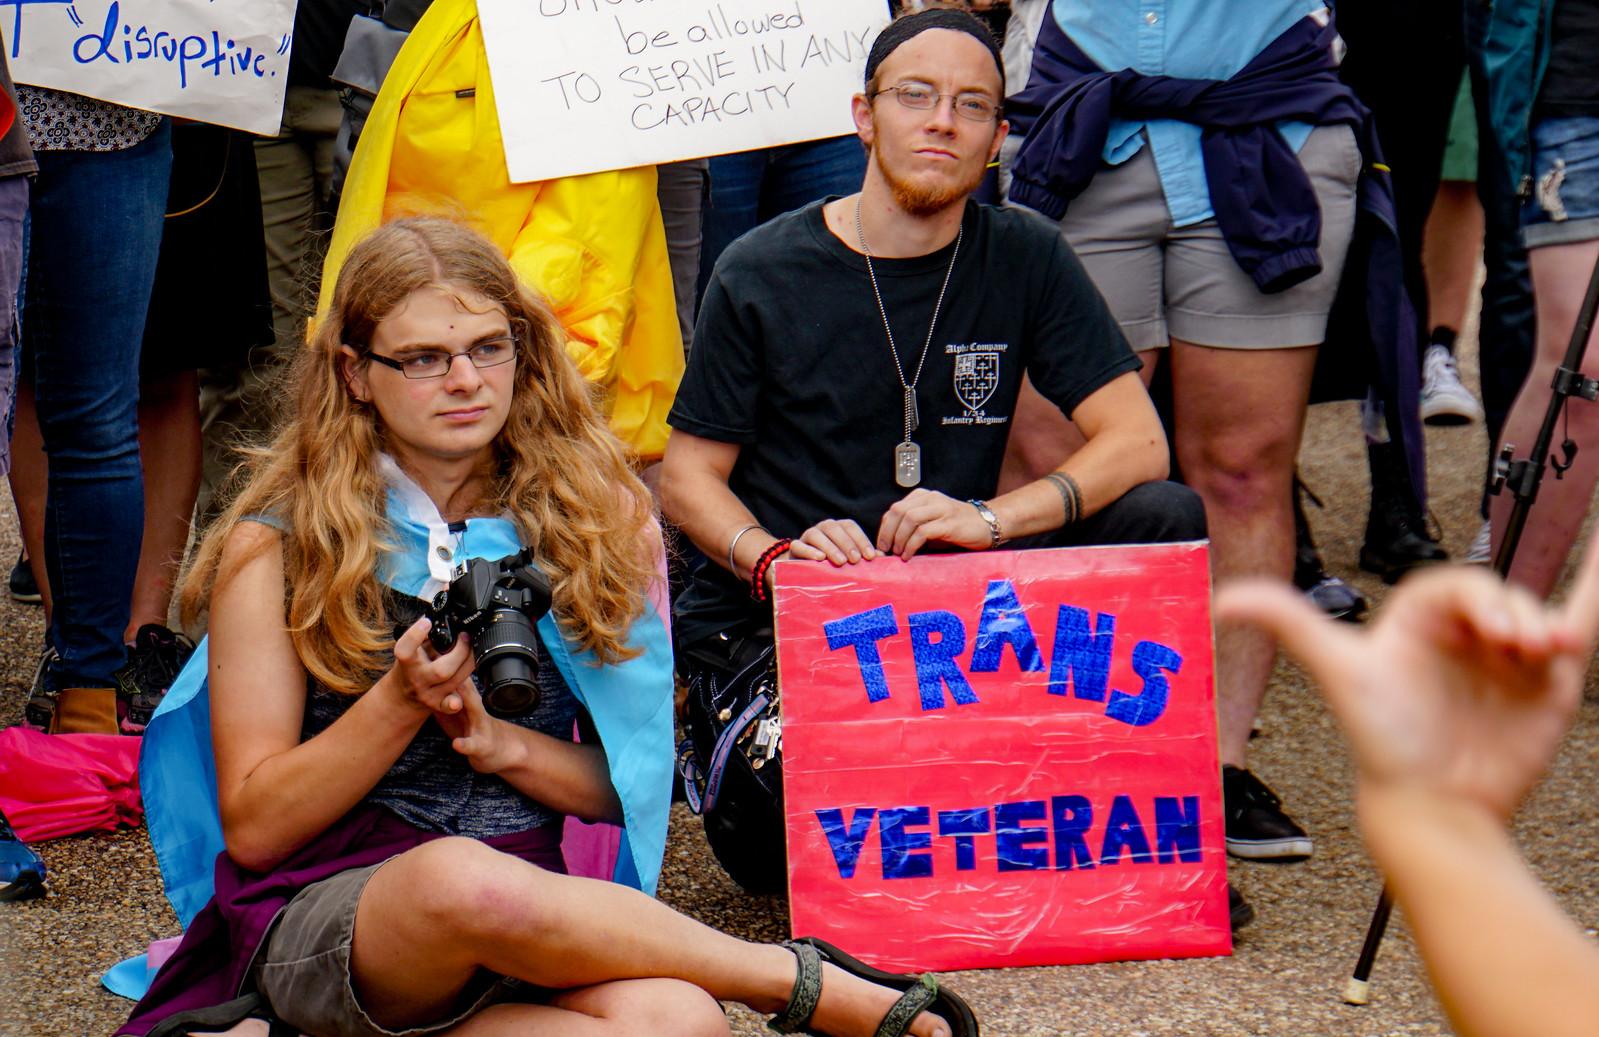 2017.07.29 Stop Transgender Military Ban, Washington, DC USA 7727